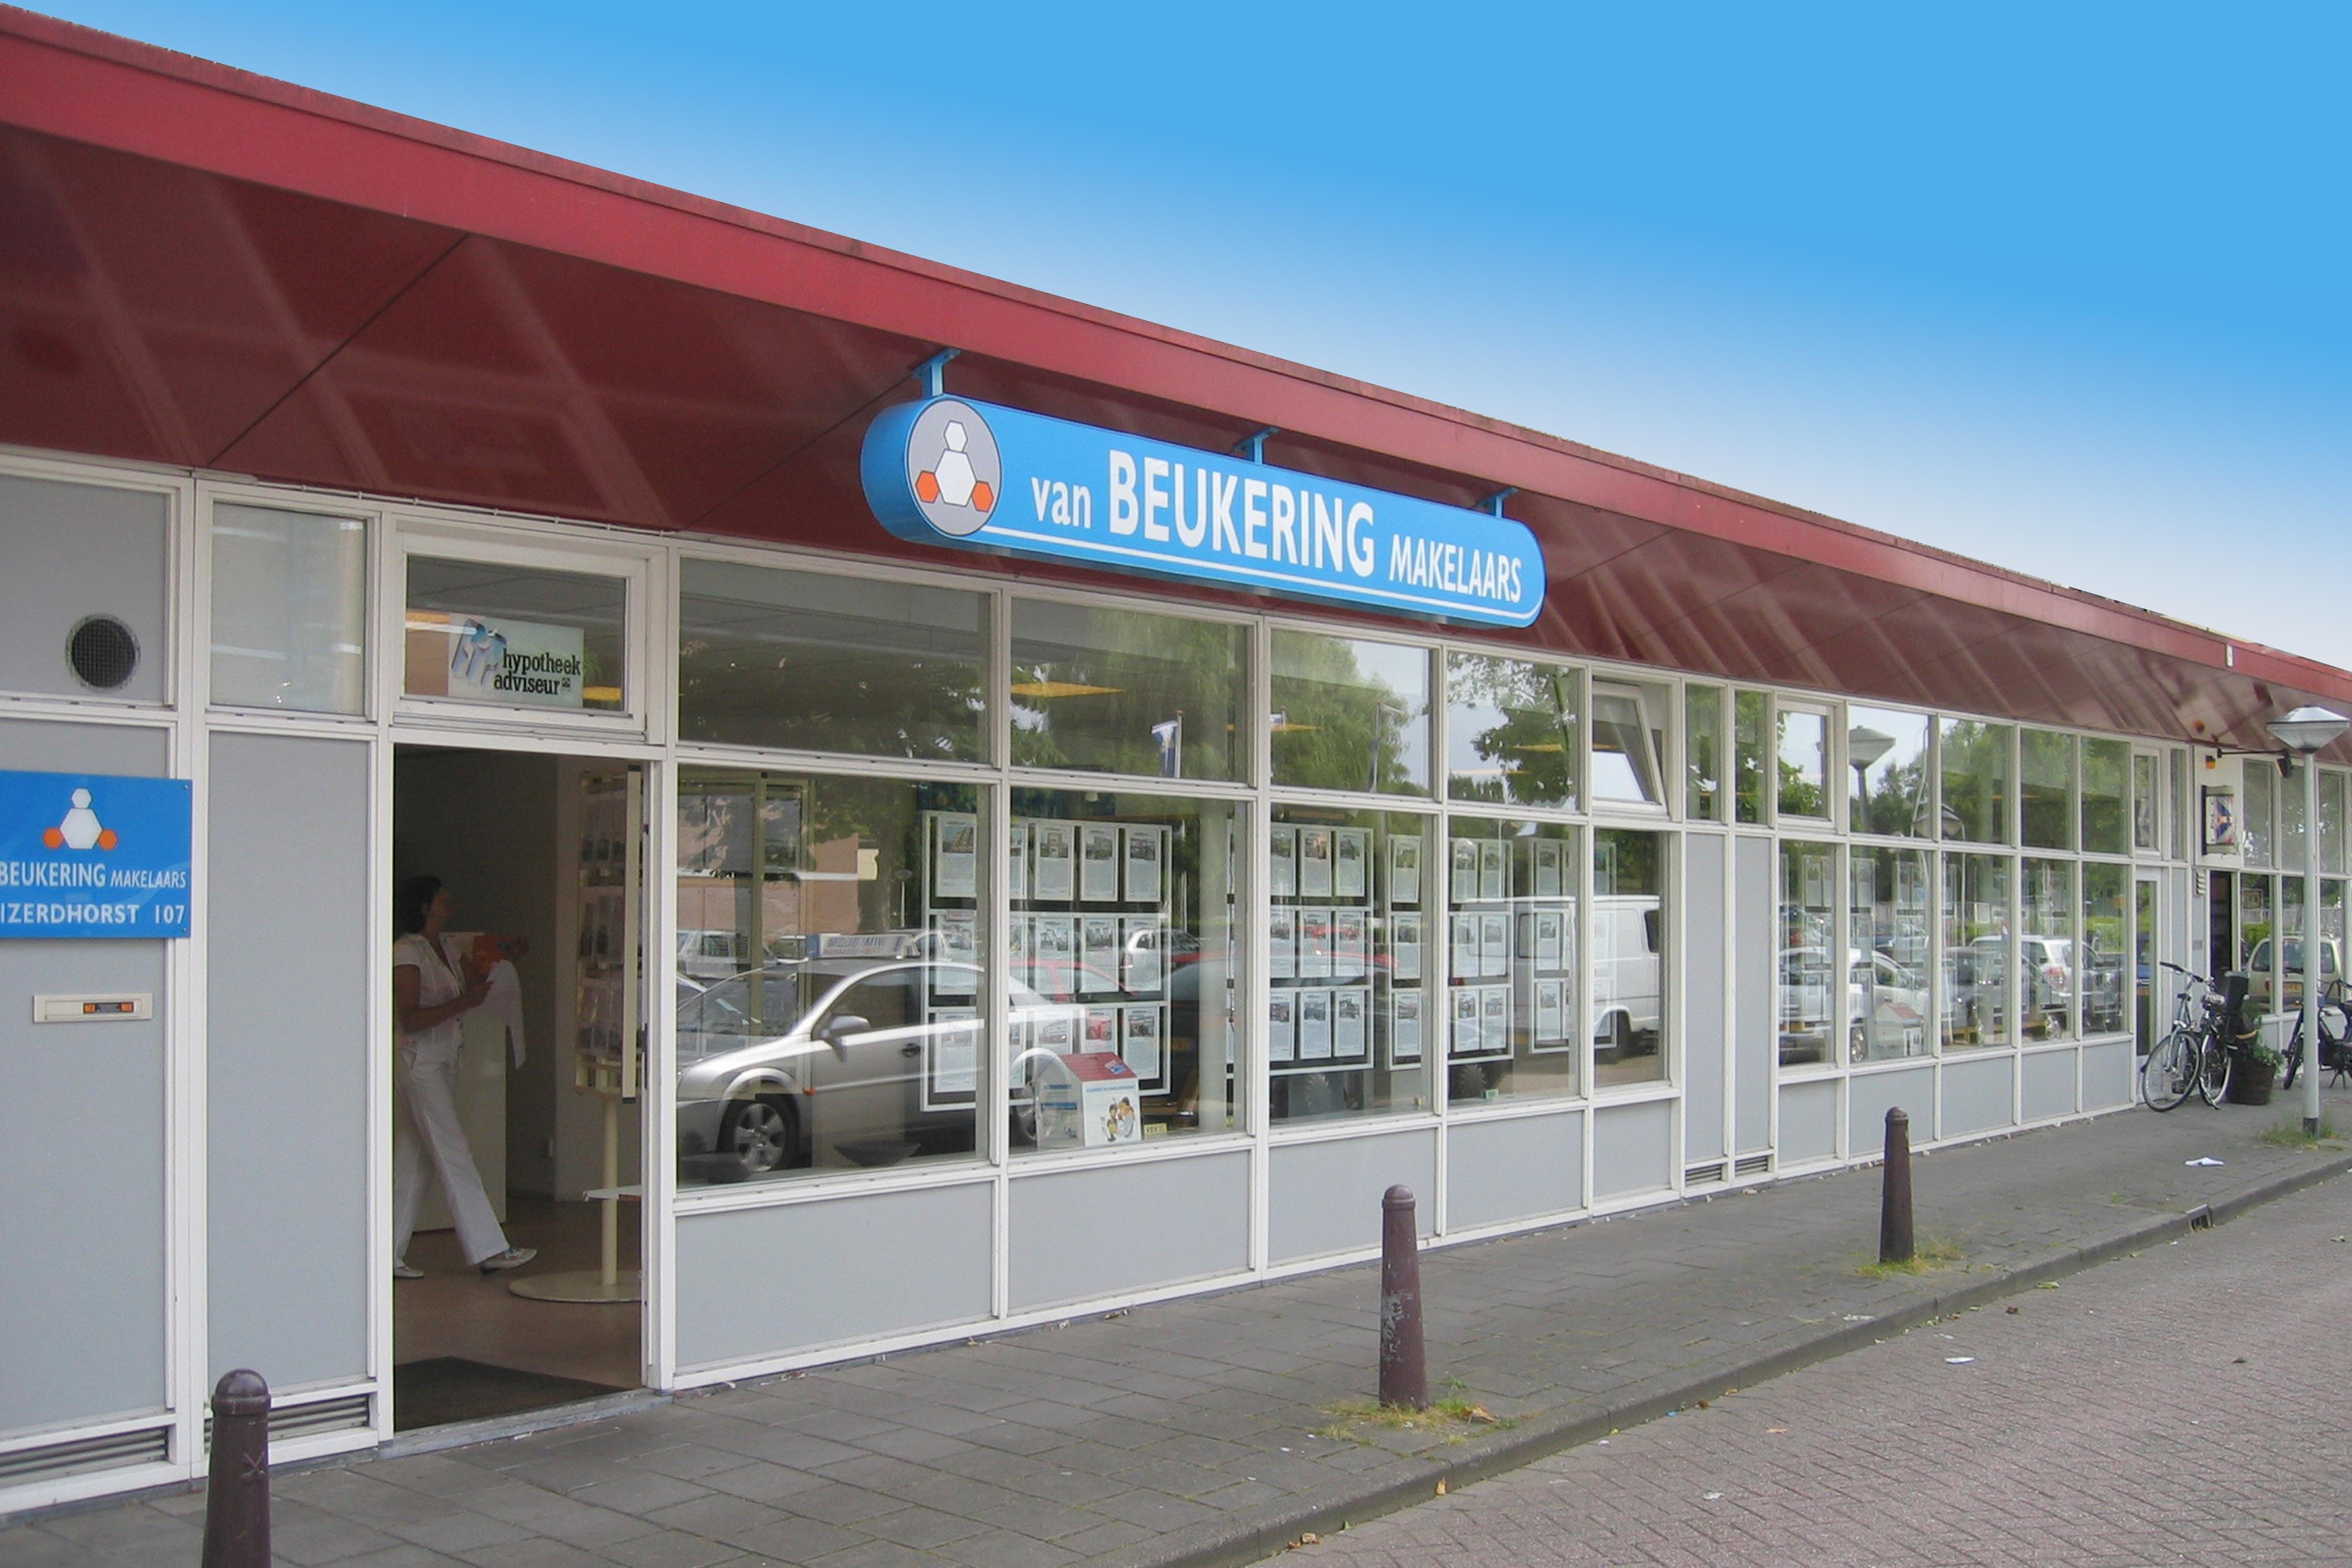 Kantoor Vestiging Van Beukering Makelaars Leiden